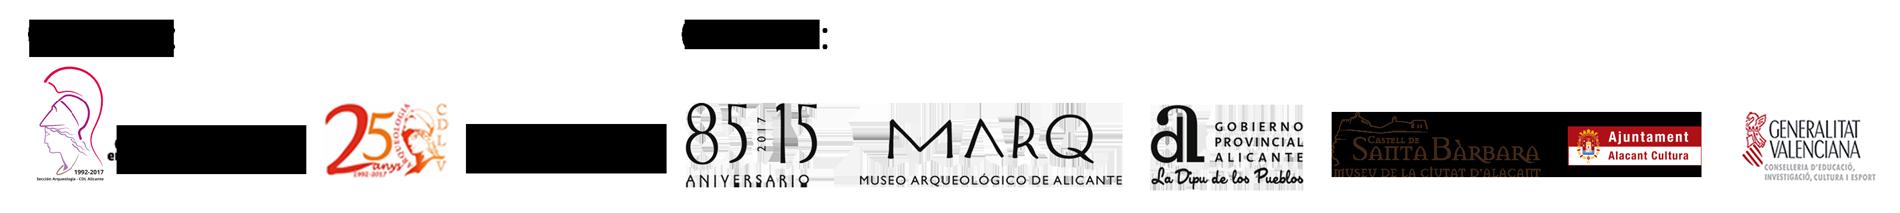 Logos VI Jornadas d'Arqueologia de la Comunitat Valenciana